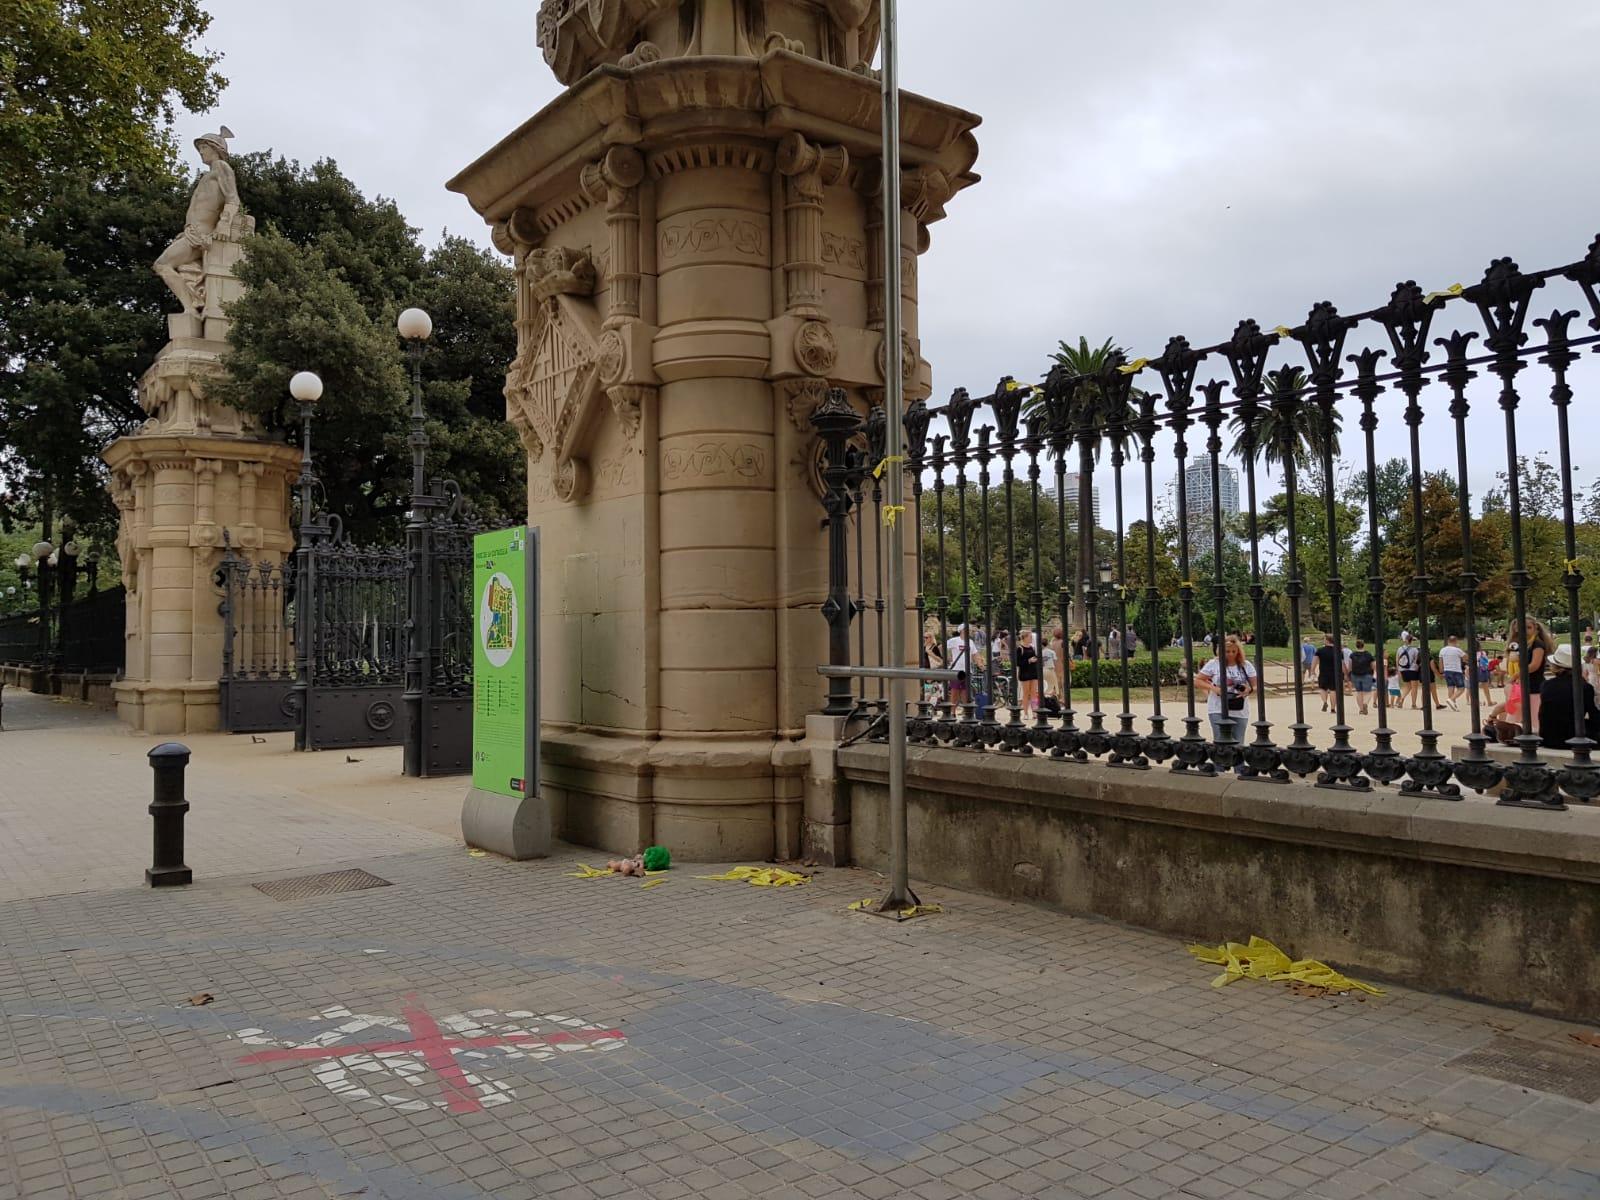 Agressió al parc de la Ciutadella